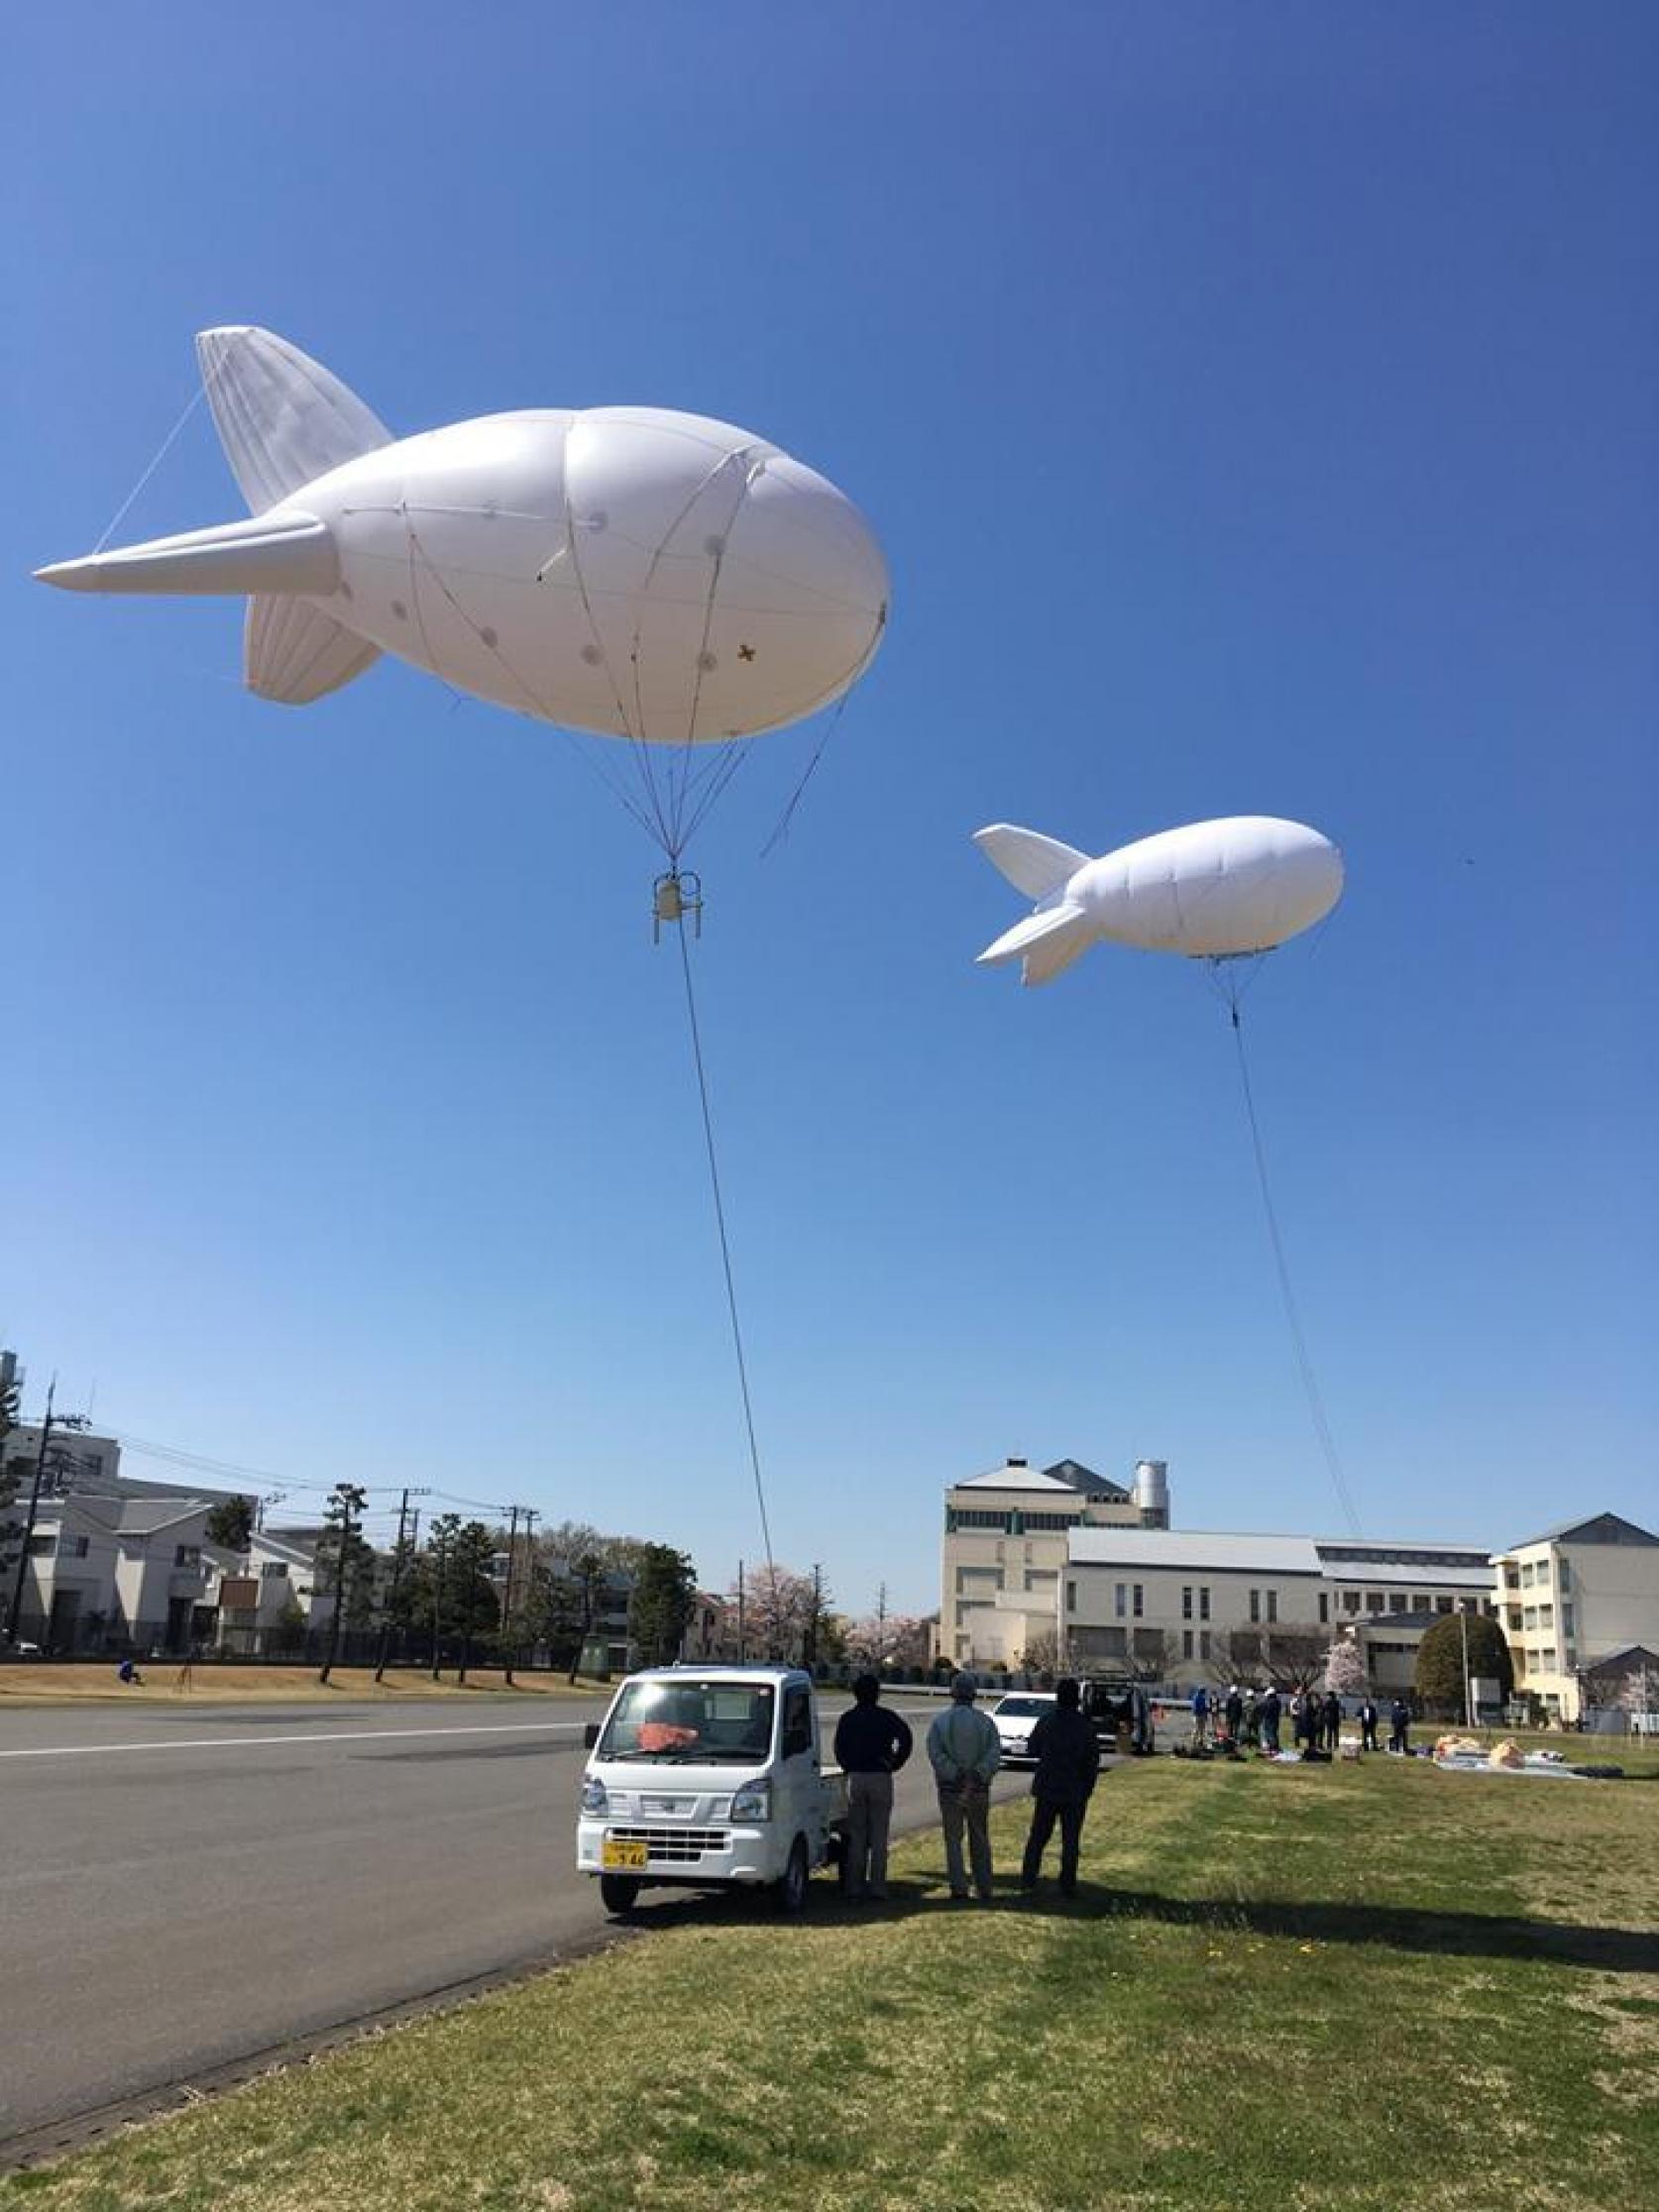 船橋キャンパスにて、船橋市消防局と研究連携協定を交わして実施している「消防防災ドローン開発」の一環として、ヘリウムバルーンを使った通信中継デモンストレーションを実施しました。